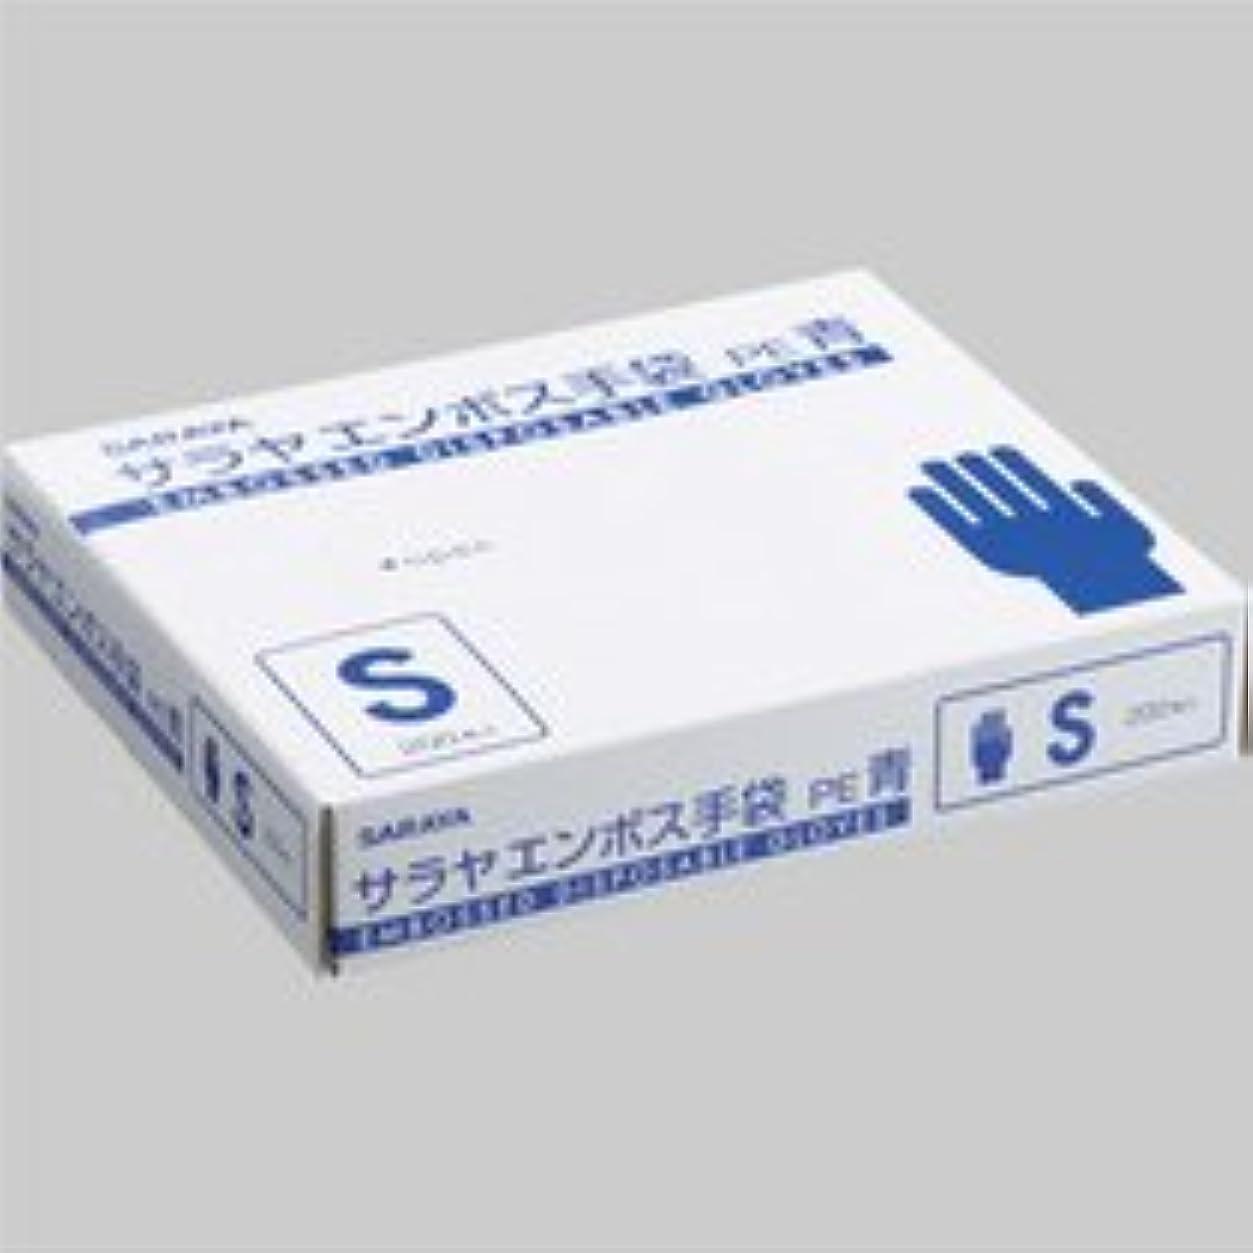 結晶大学生曲がったサラヤ エンボス手袋 PE青 S 51093 1セット(2000枚:200枚×10箱)